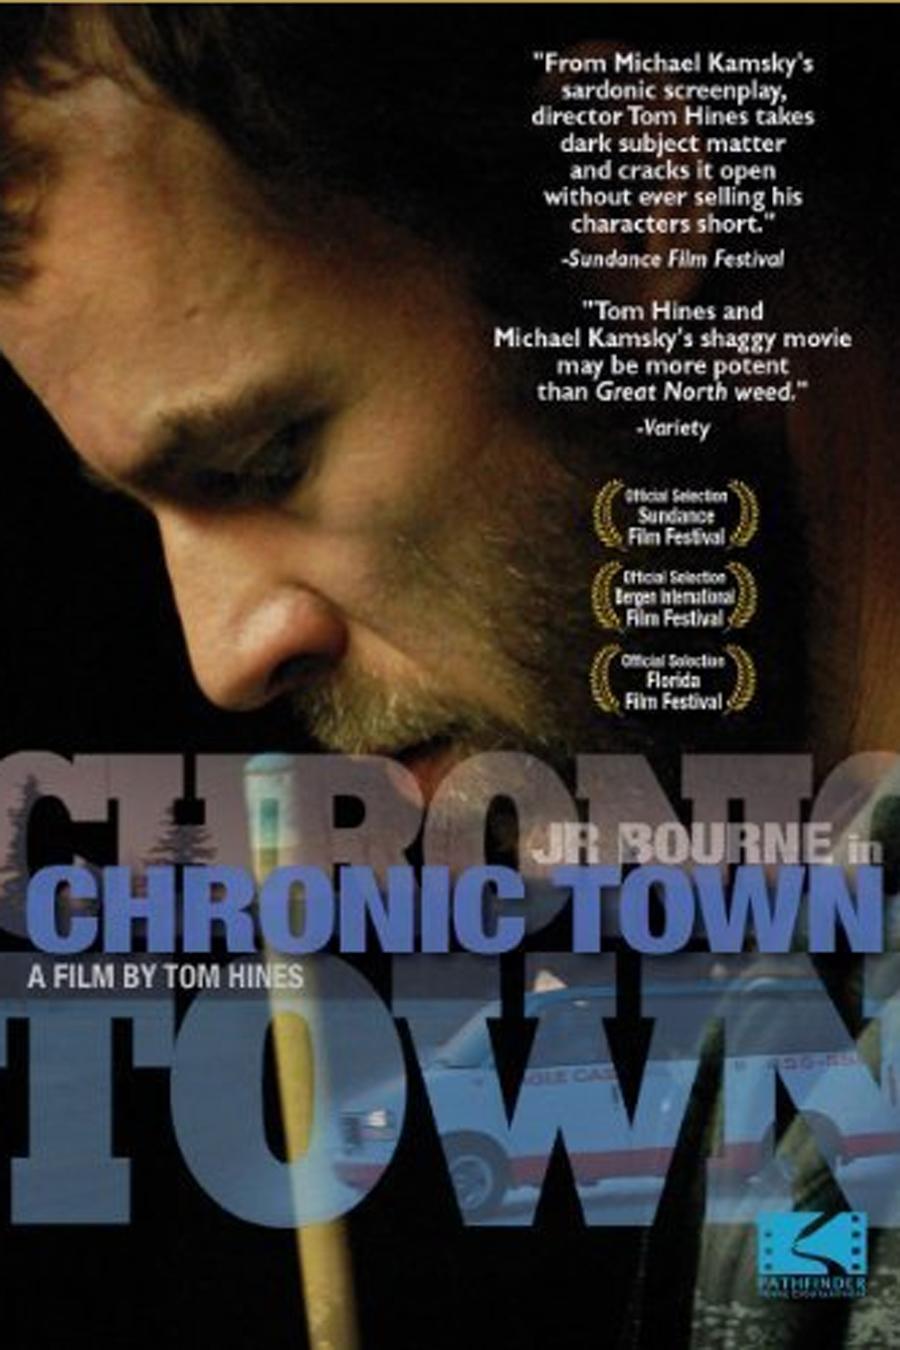 CHRONIC TOWN.jpg